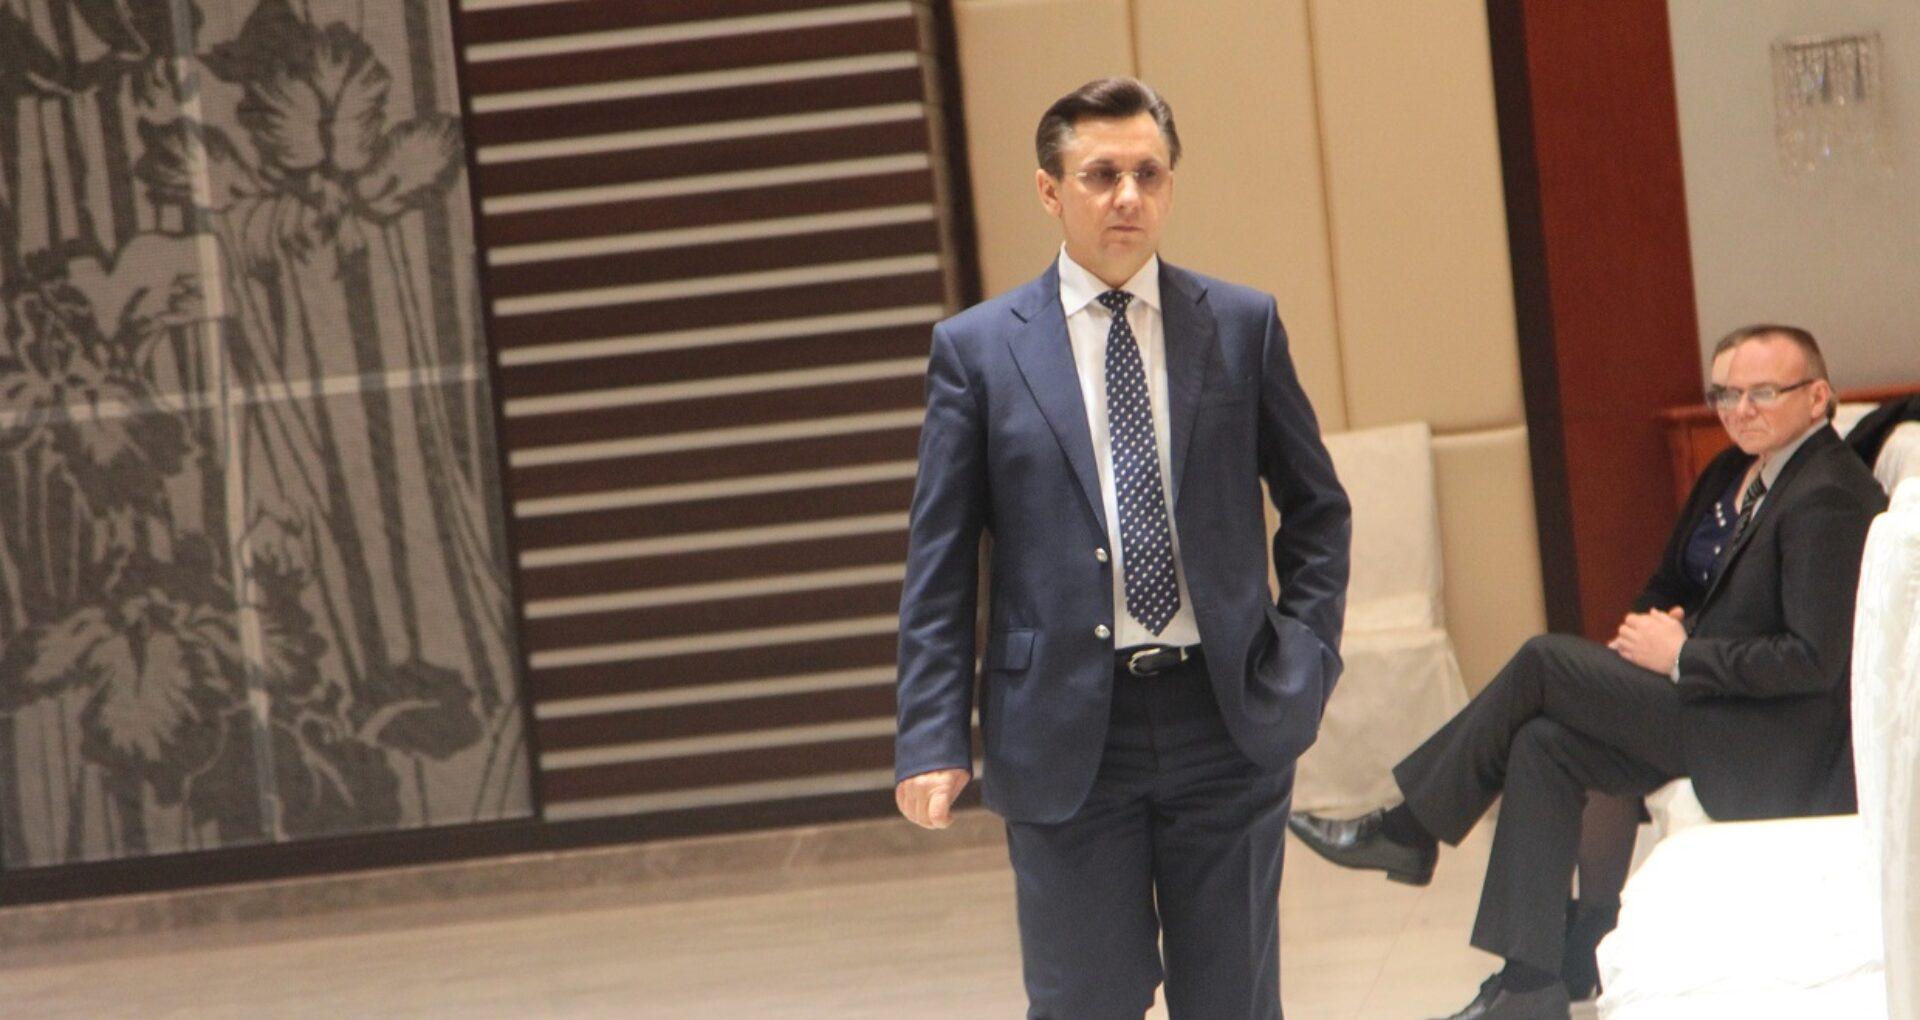 Ultima oră! Poalelungi renunță la șefia CSJ pentru fotoliul de judecător la Curtea Constituțională